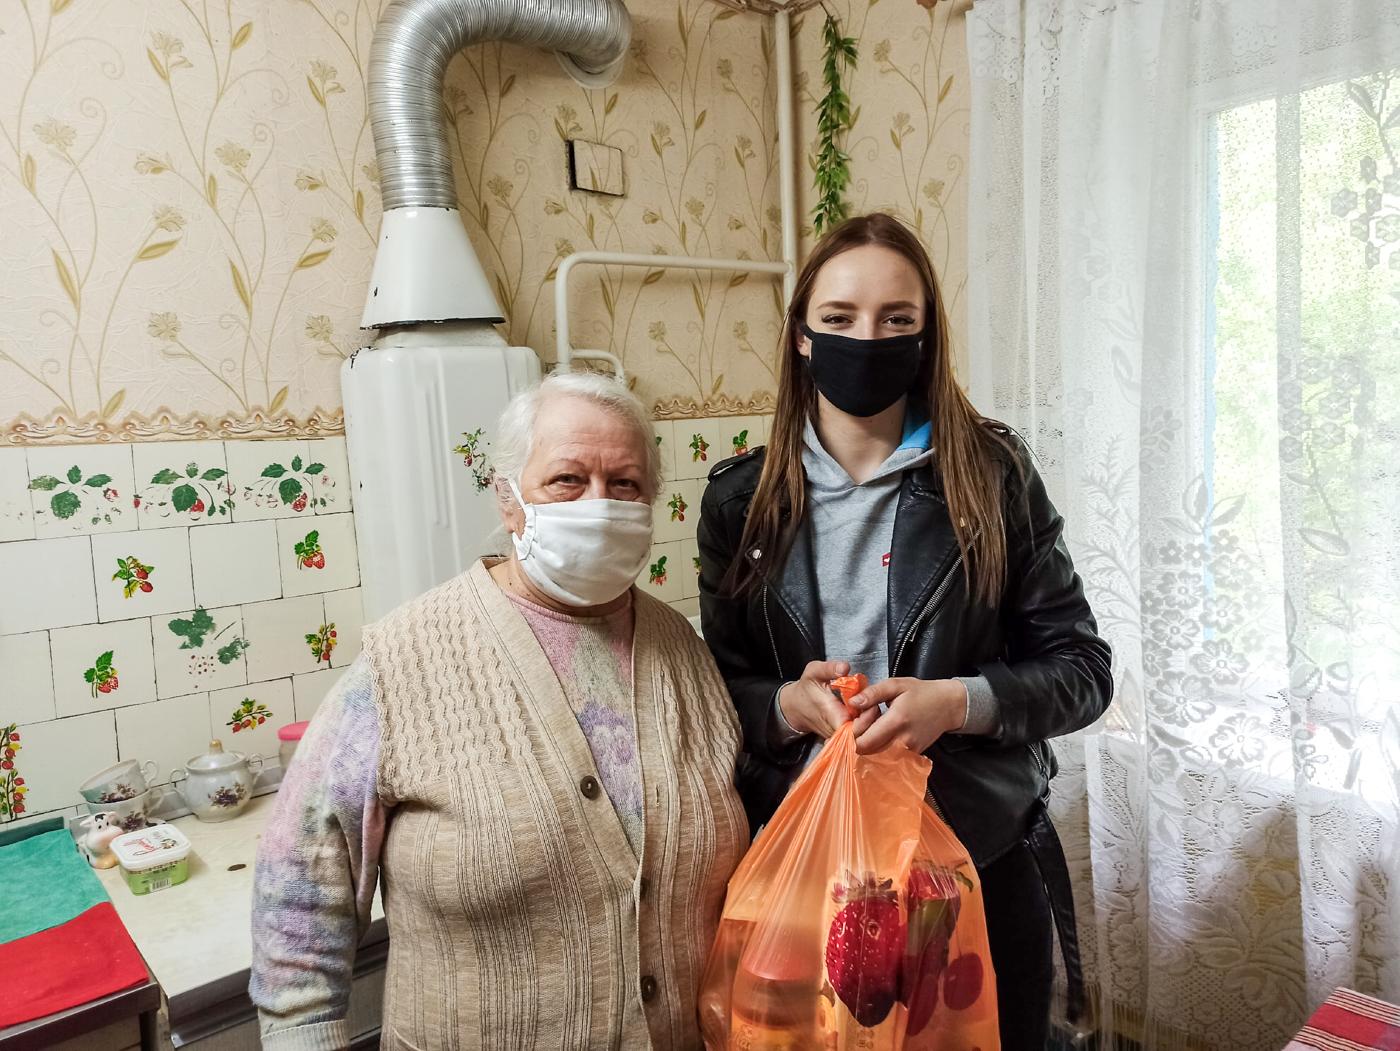 Активисты проекта «Волонтёр» передали жителям Луганска продуктовые наборы 1